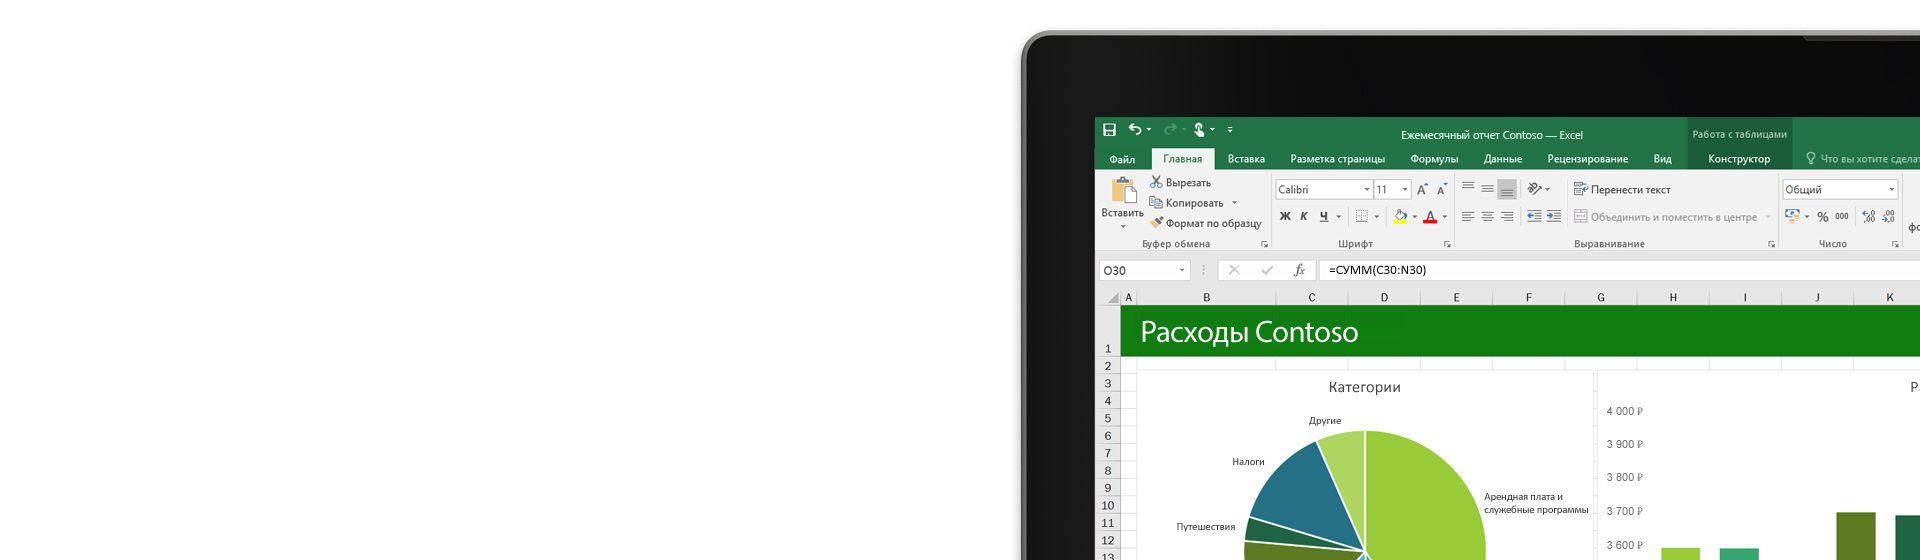 Ноутбук с таблицей Microsoft Excel, содержащей диаграмму.